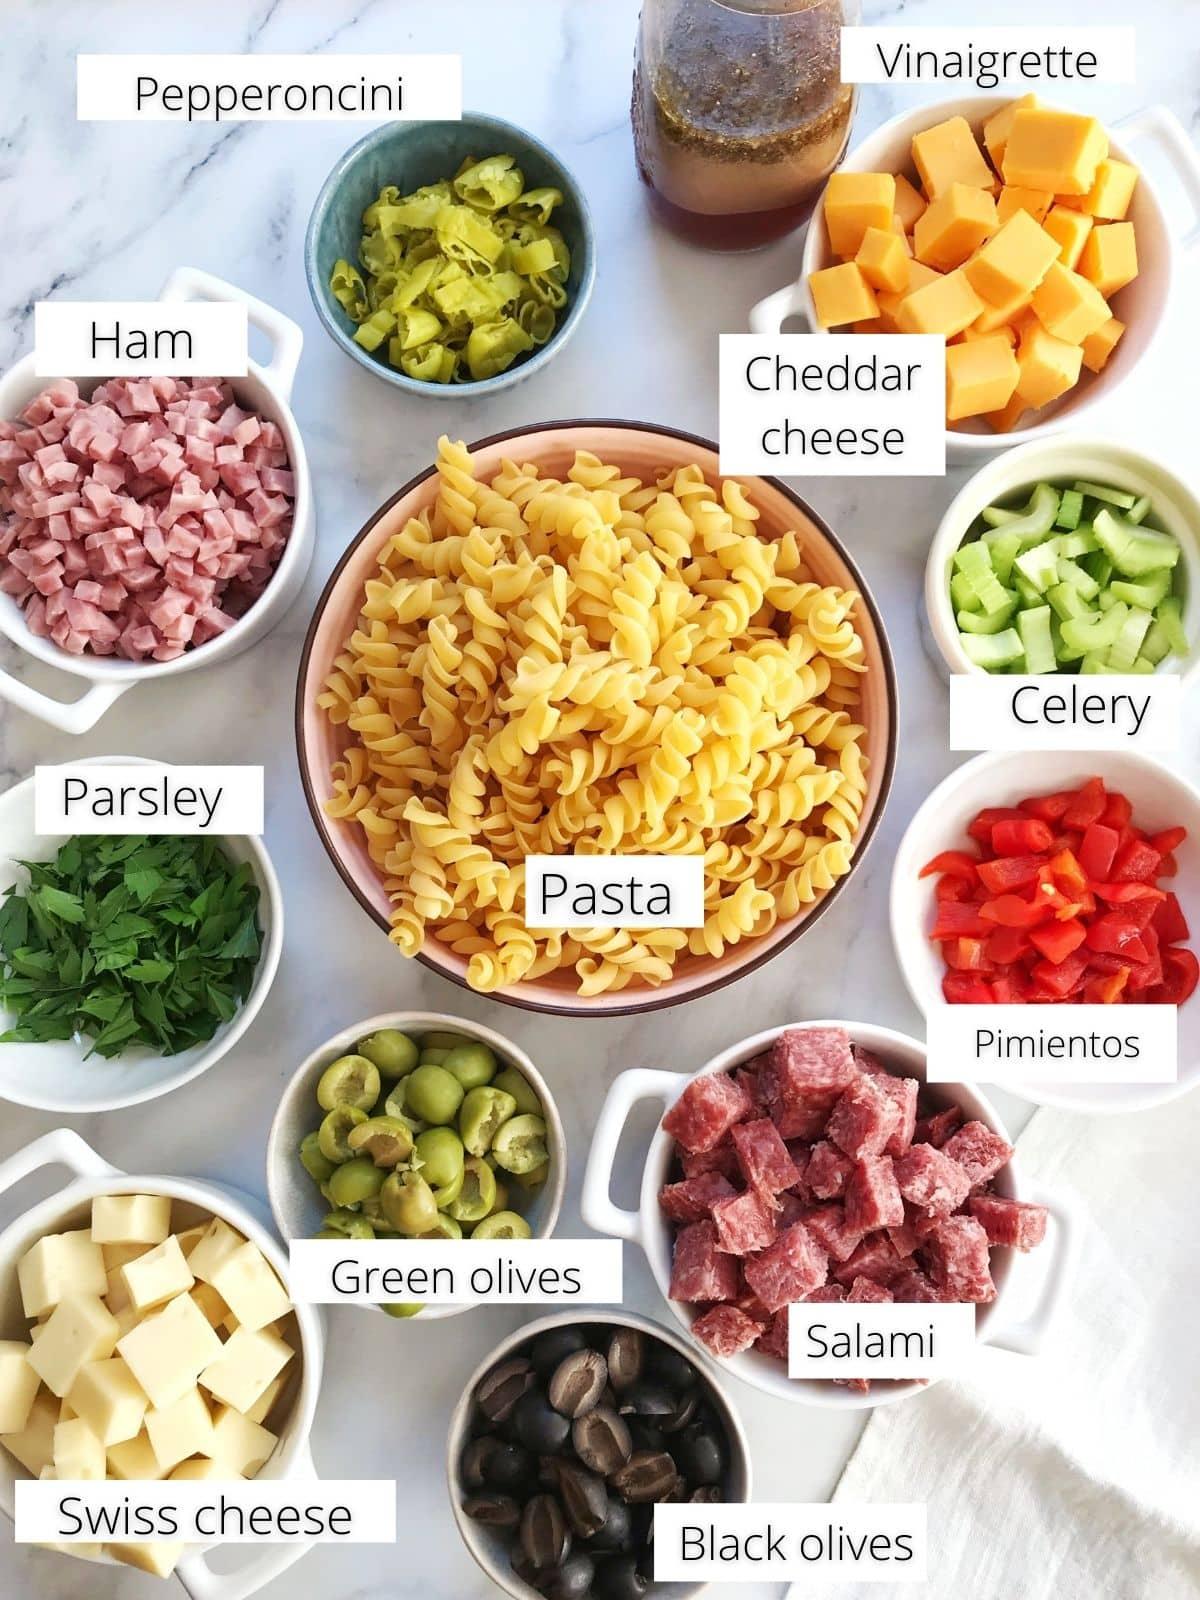 ingredients - pasta, meats, cheese, veggies, olives, seasonings, vinaigrette